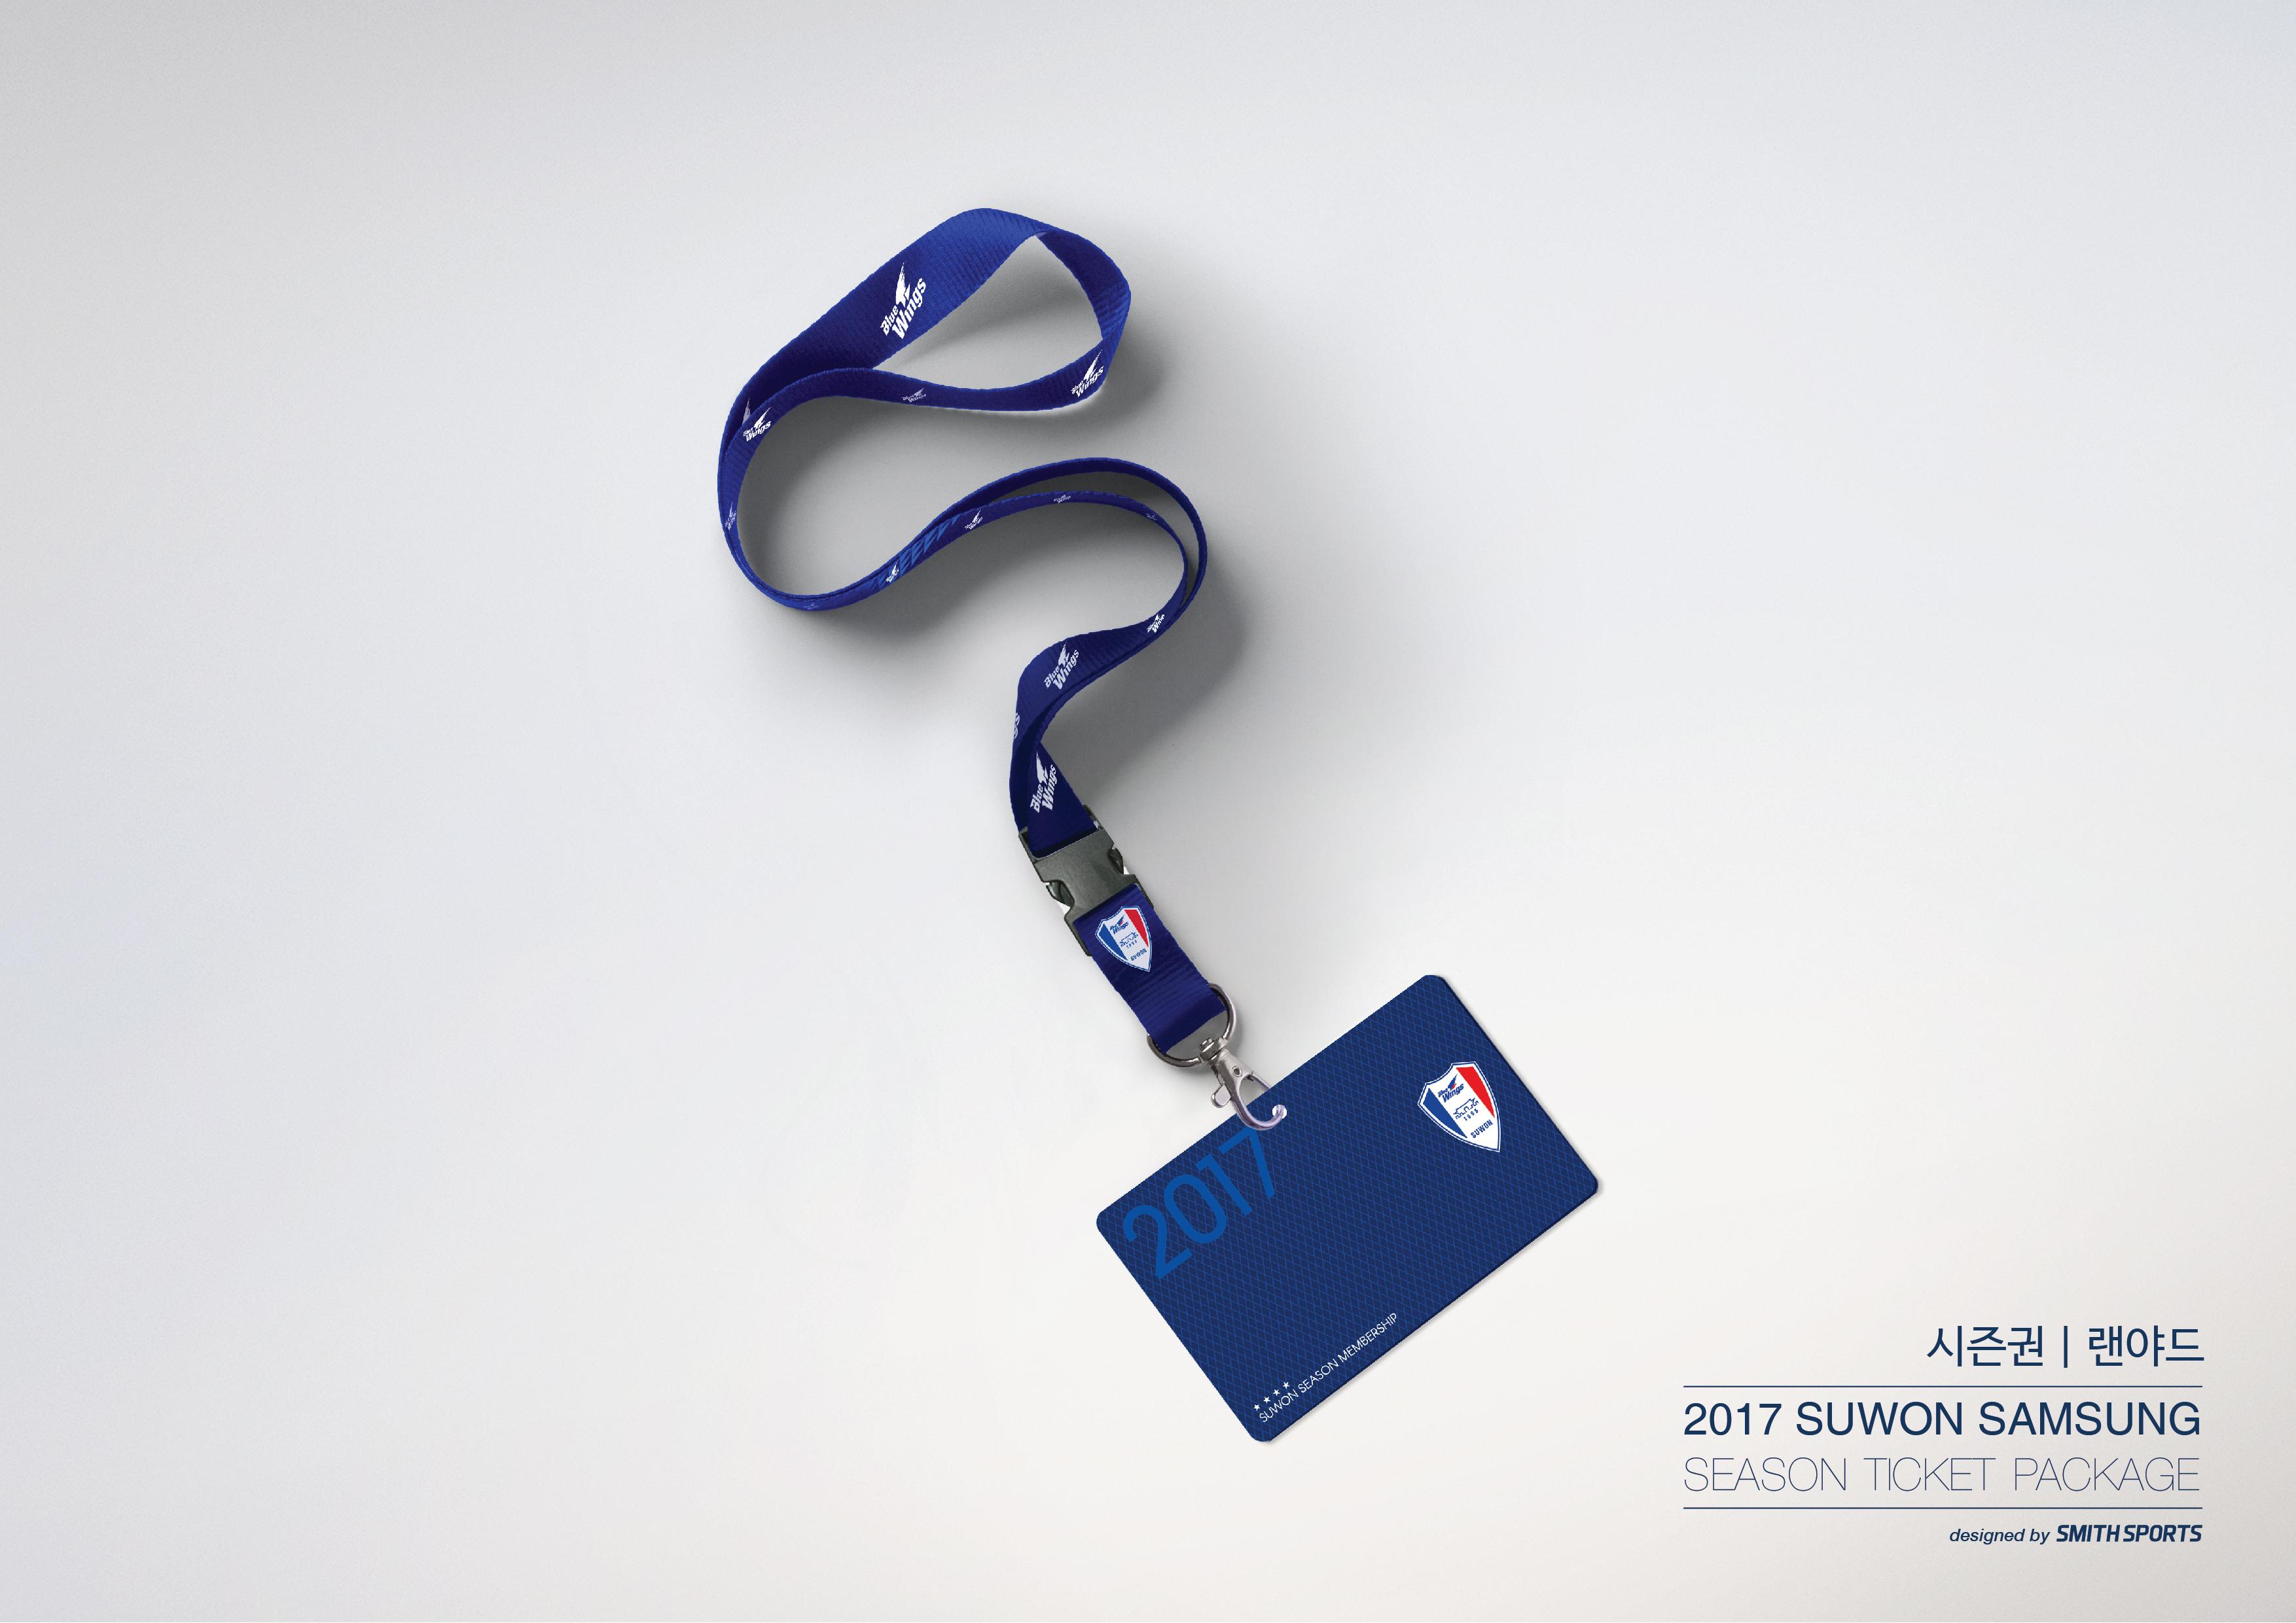 2017 수원삼성블루윙즈 시즌권 패키지-07.jpg